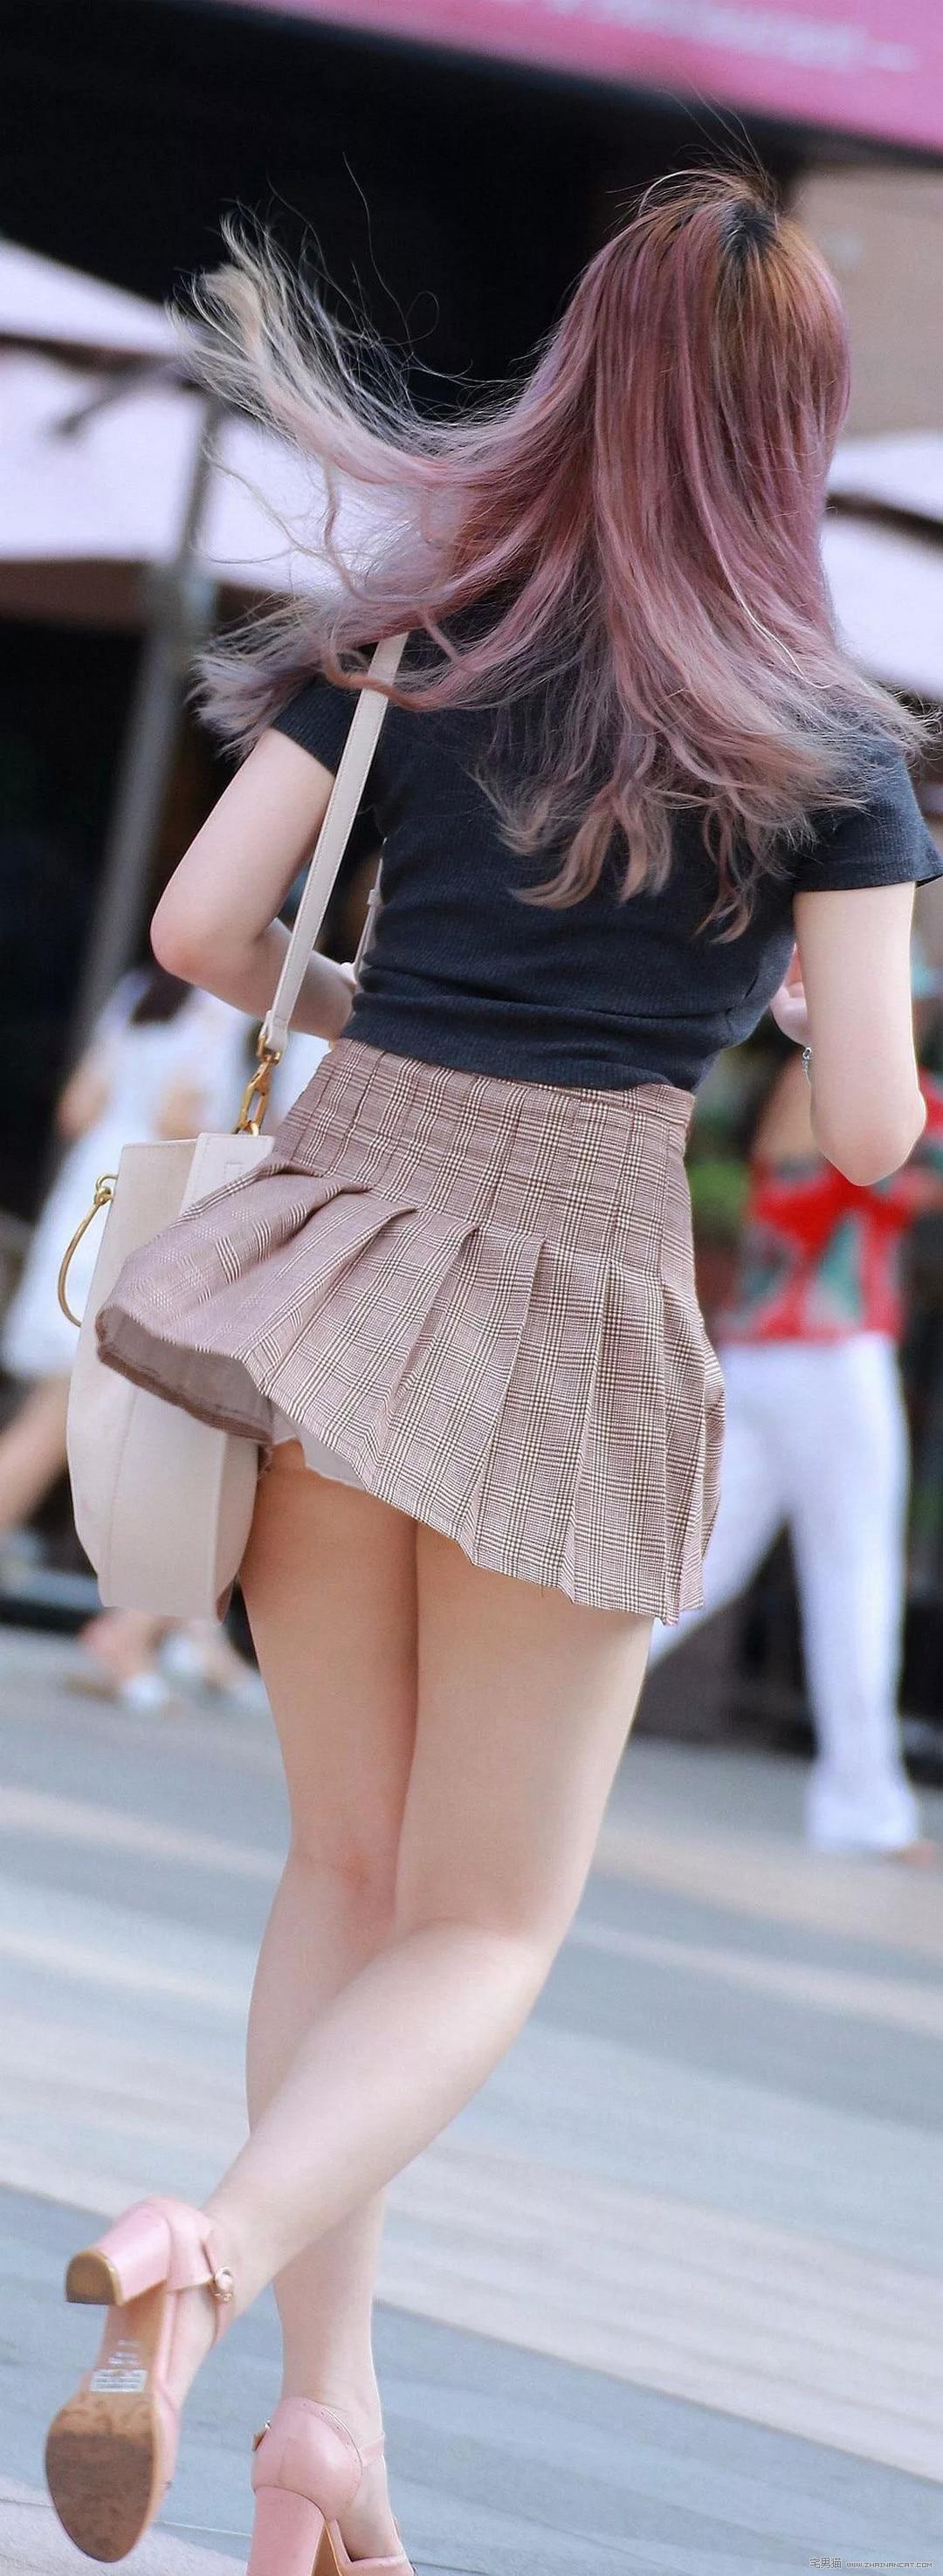 街拍:穿超短裙的性感小姐姐